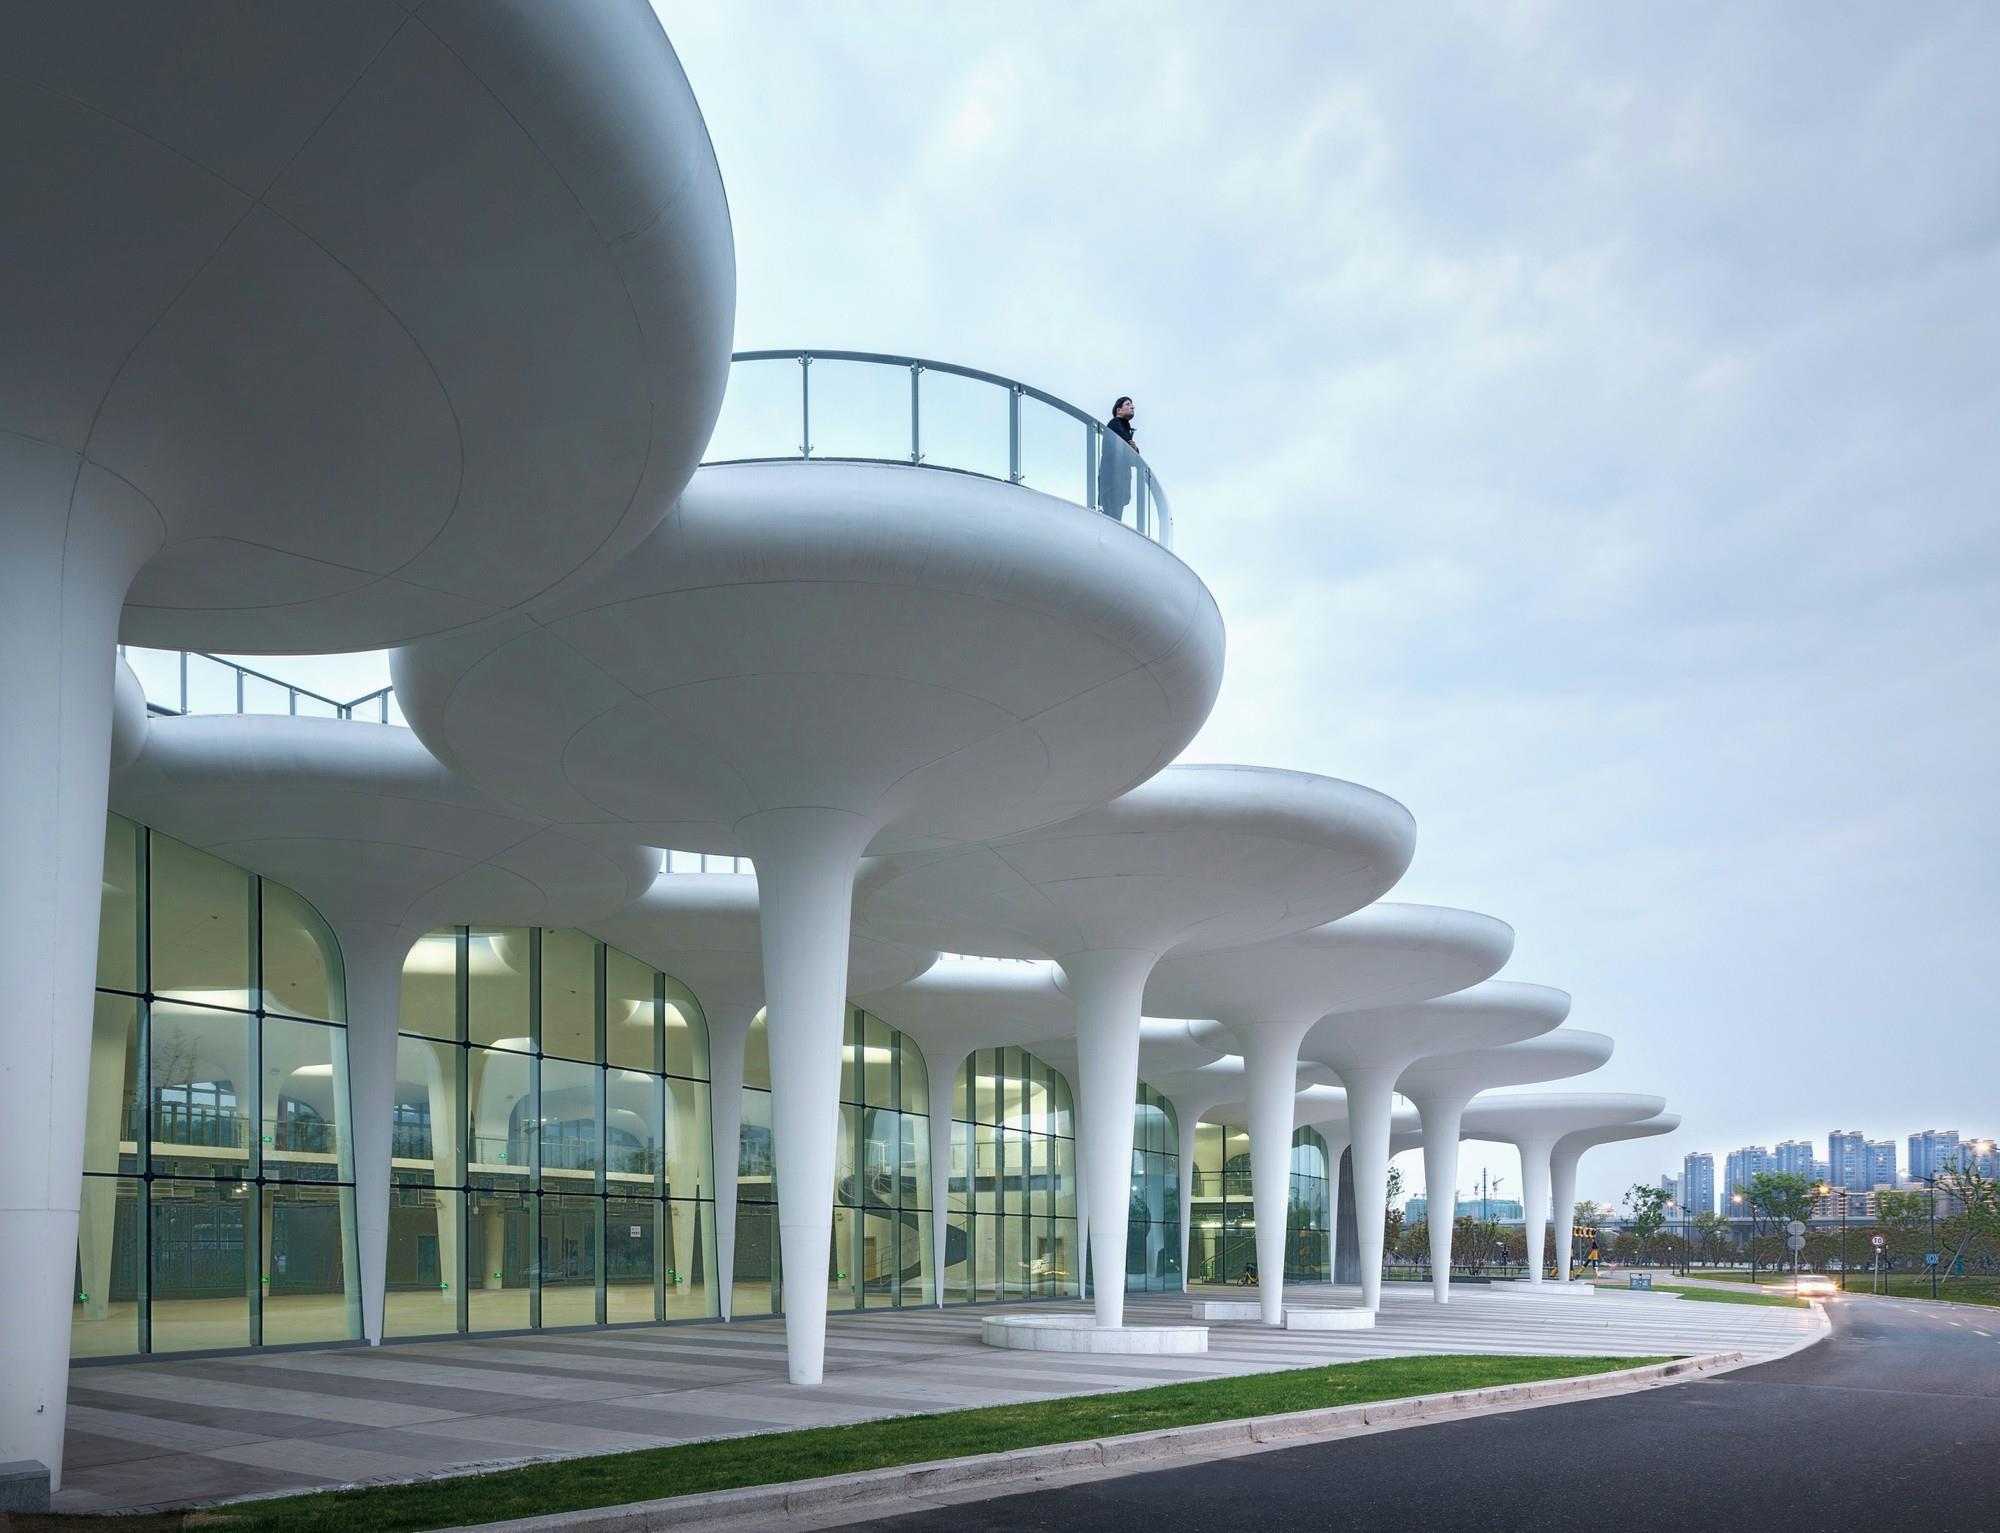 杭州·临平体育公园配套工程项目---筑境设计